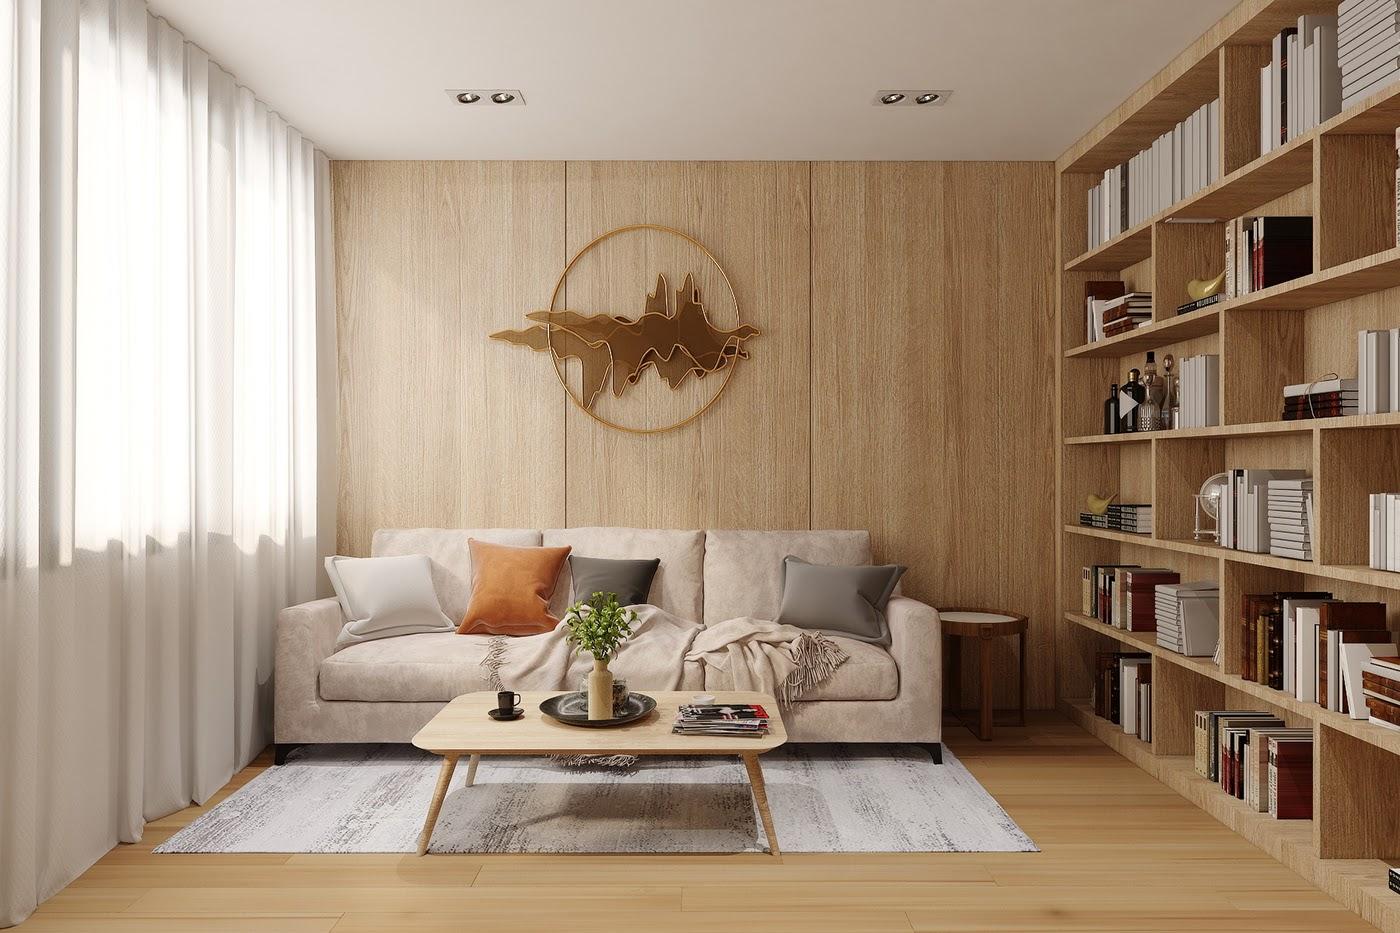 Tường sau ghế sofa được ốp gỗ đẹp mộc mạc